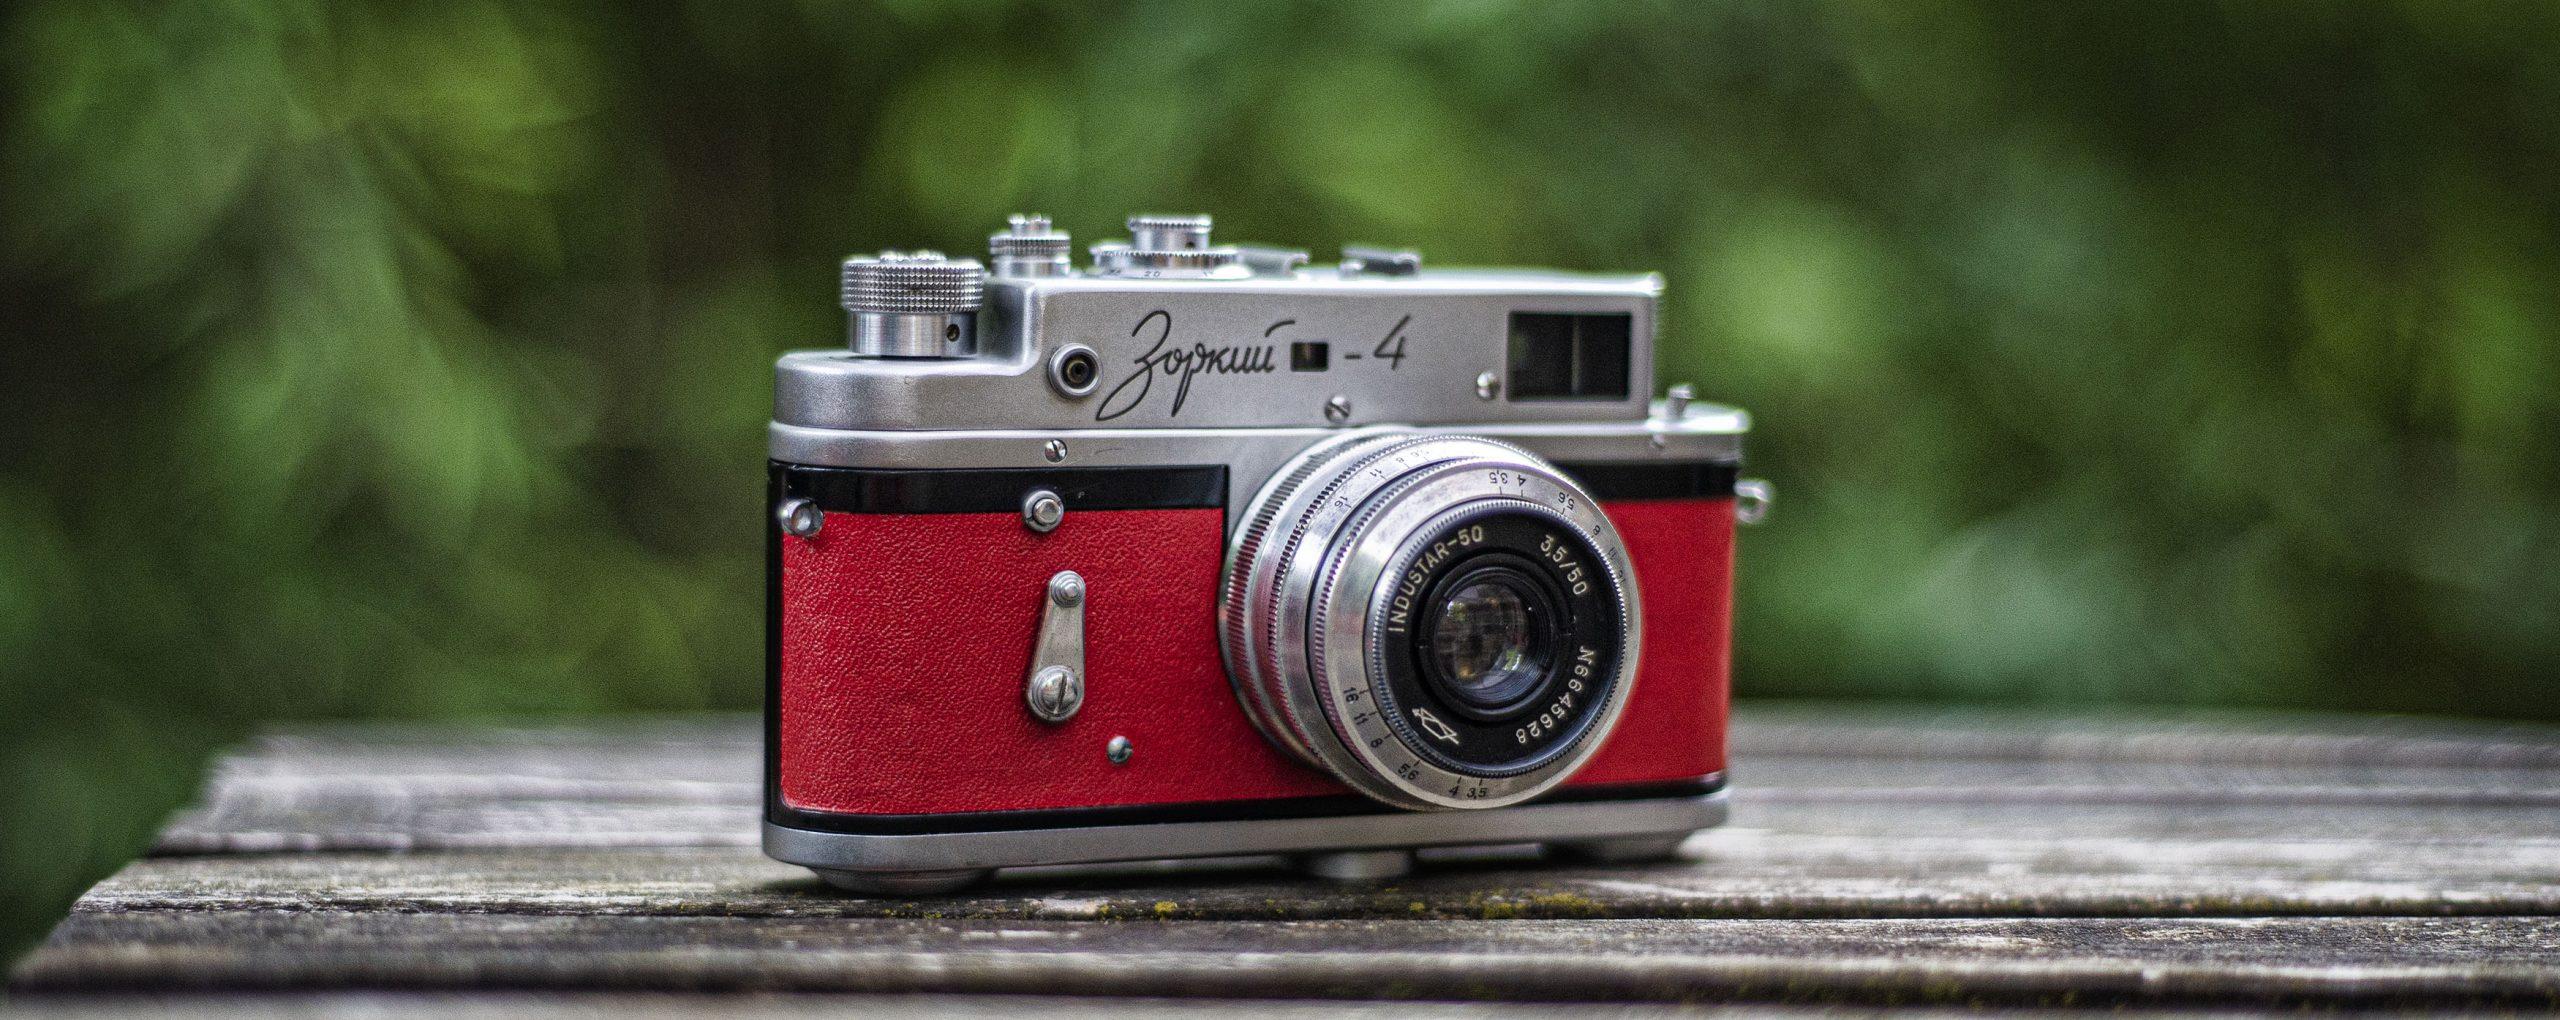 Zorki 4 35mm film camera